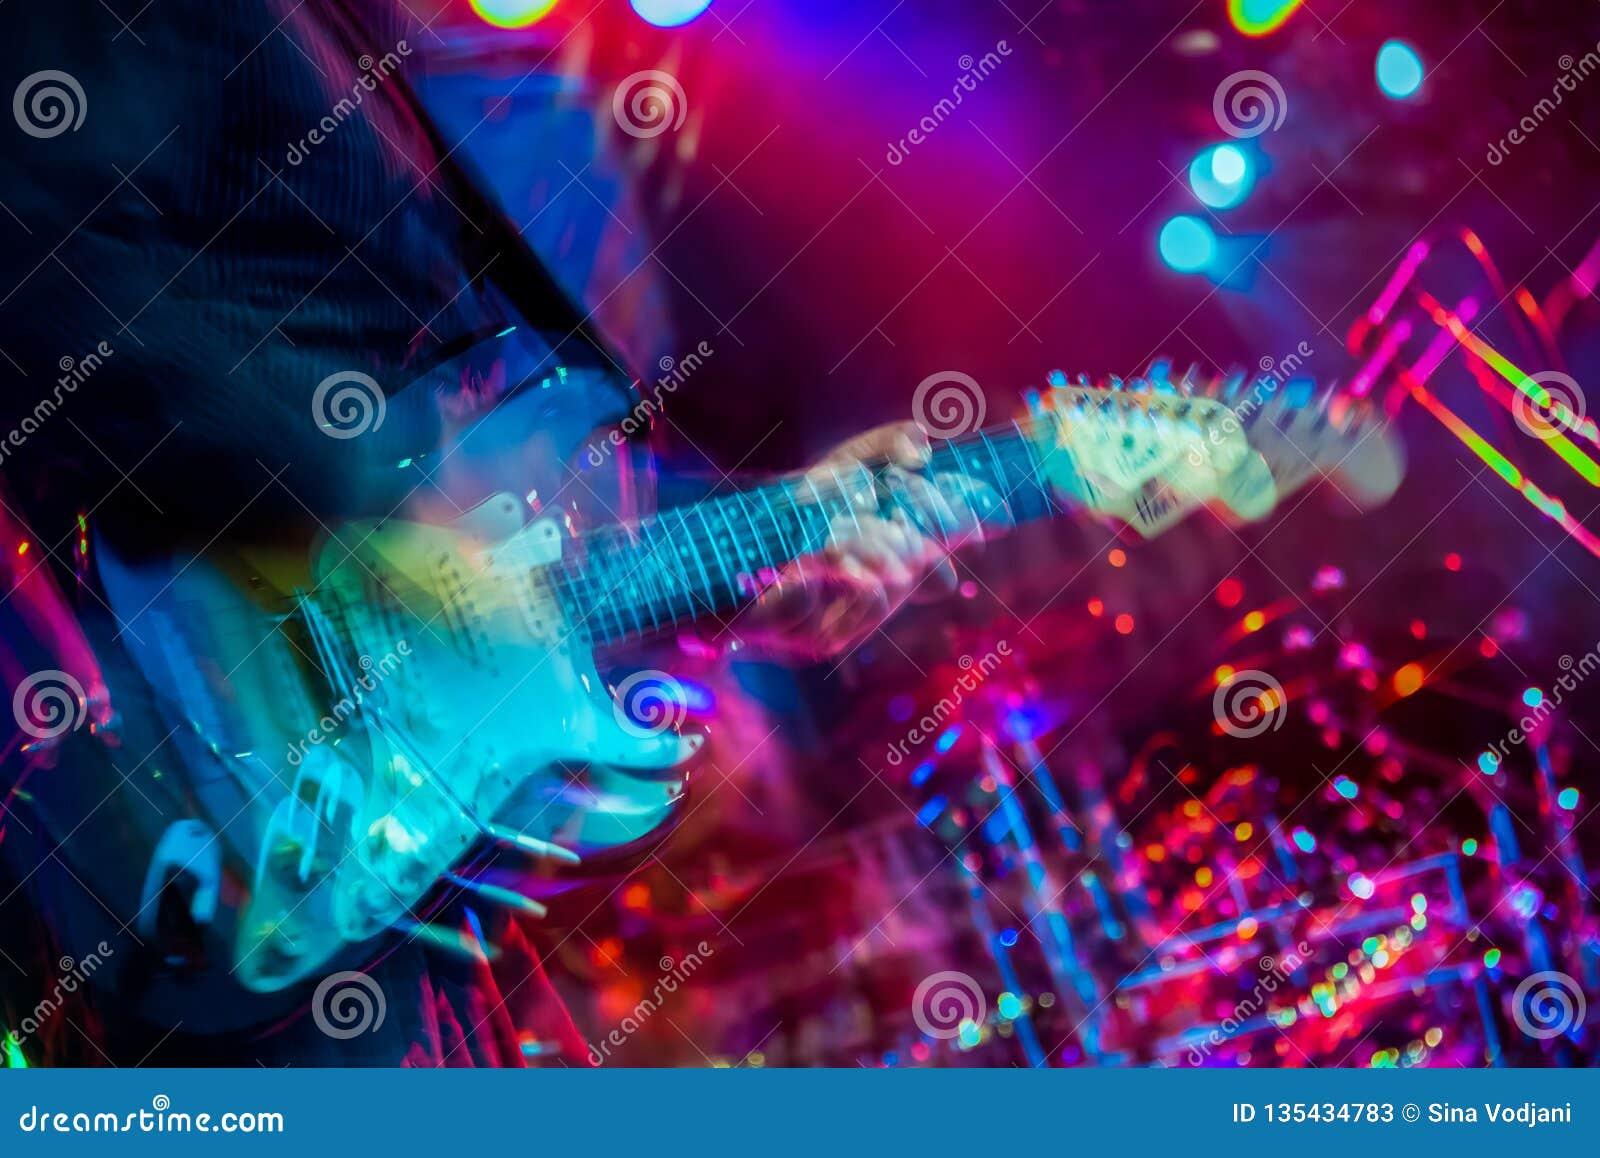 Wackelige unscharfe Mehrfachverbindungsstellenbelichtung des E-Gitarren-Spielers